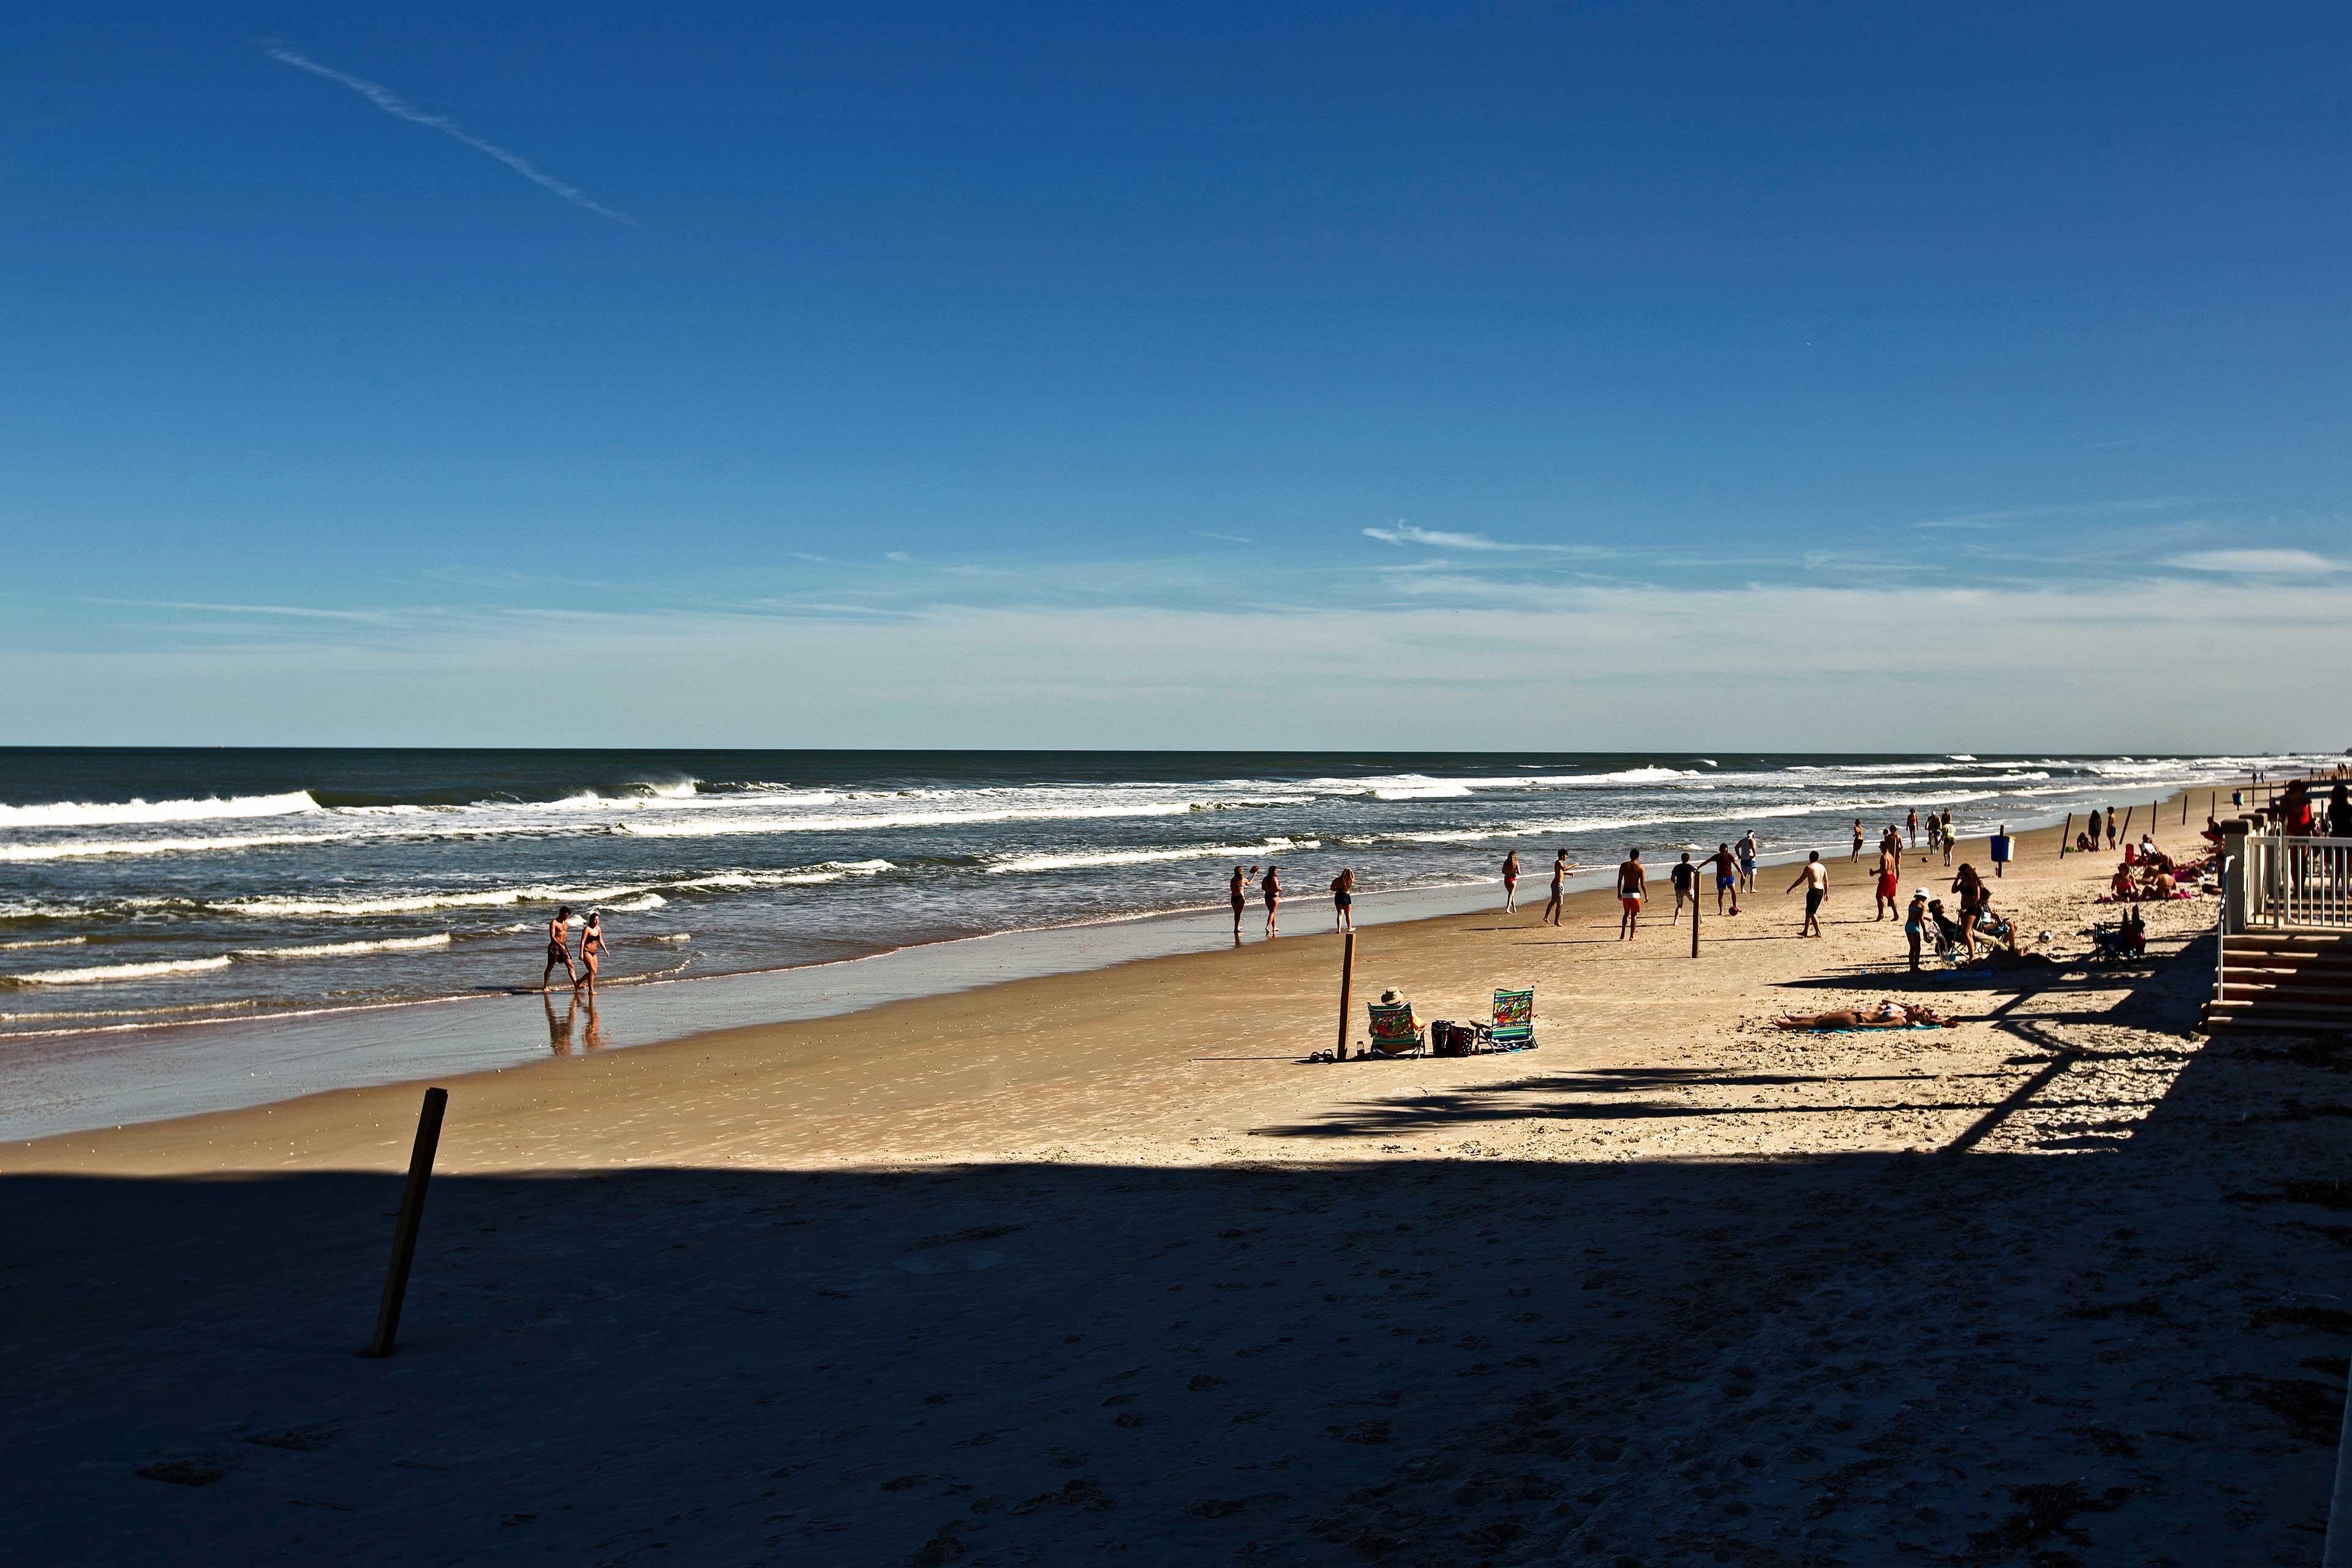 A beach getaway awaits!